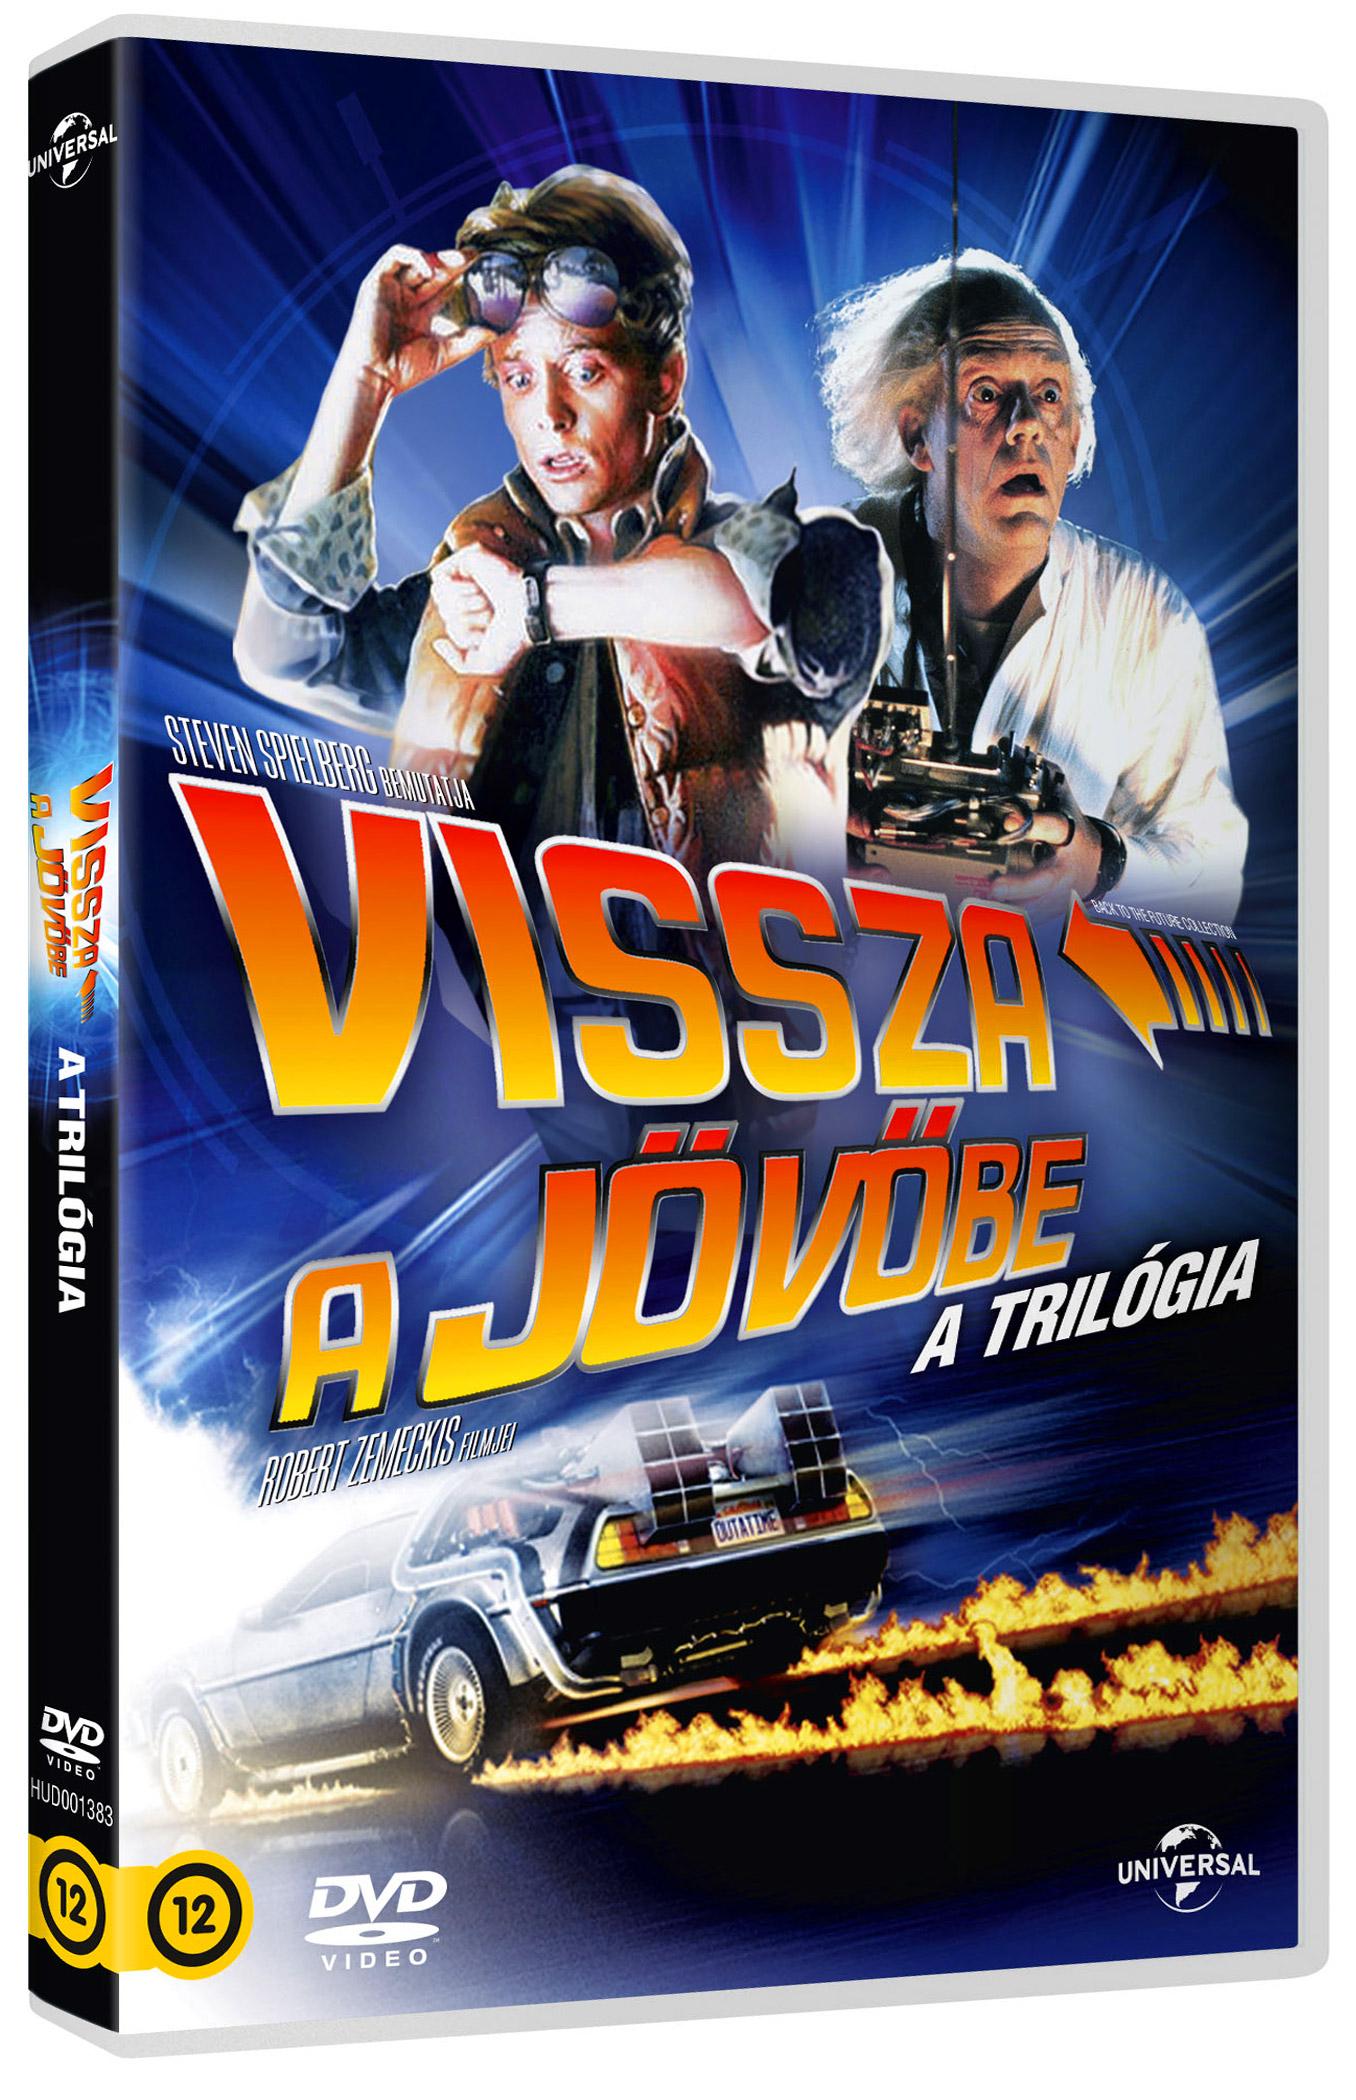 Vissza a jövőbe trilógia (3 DVD) - Llimitált kiadás DVD